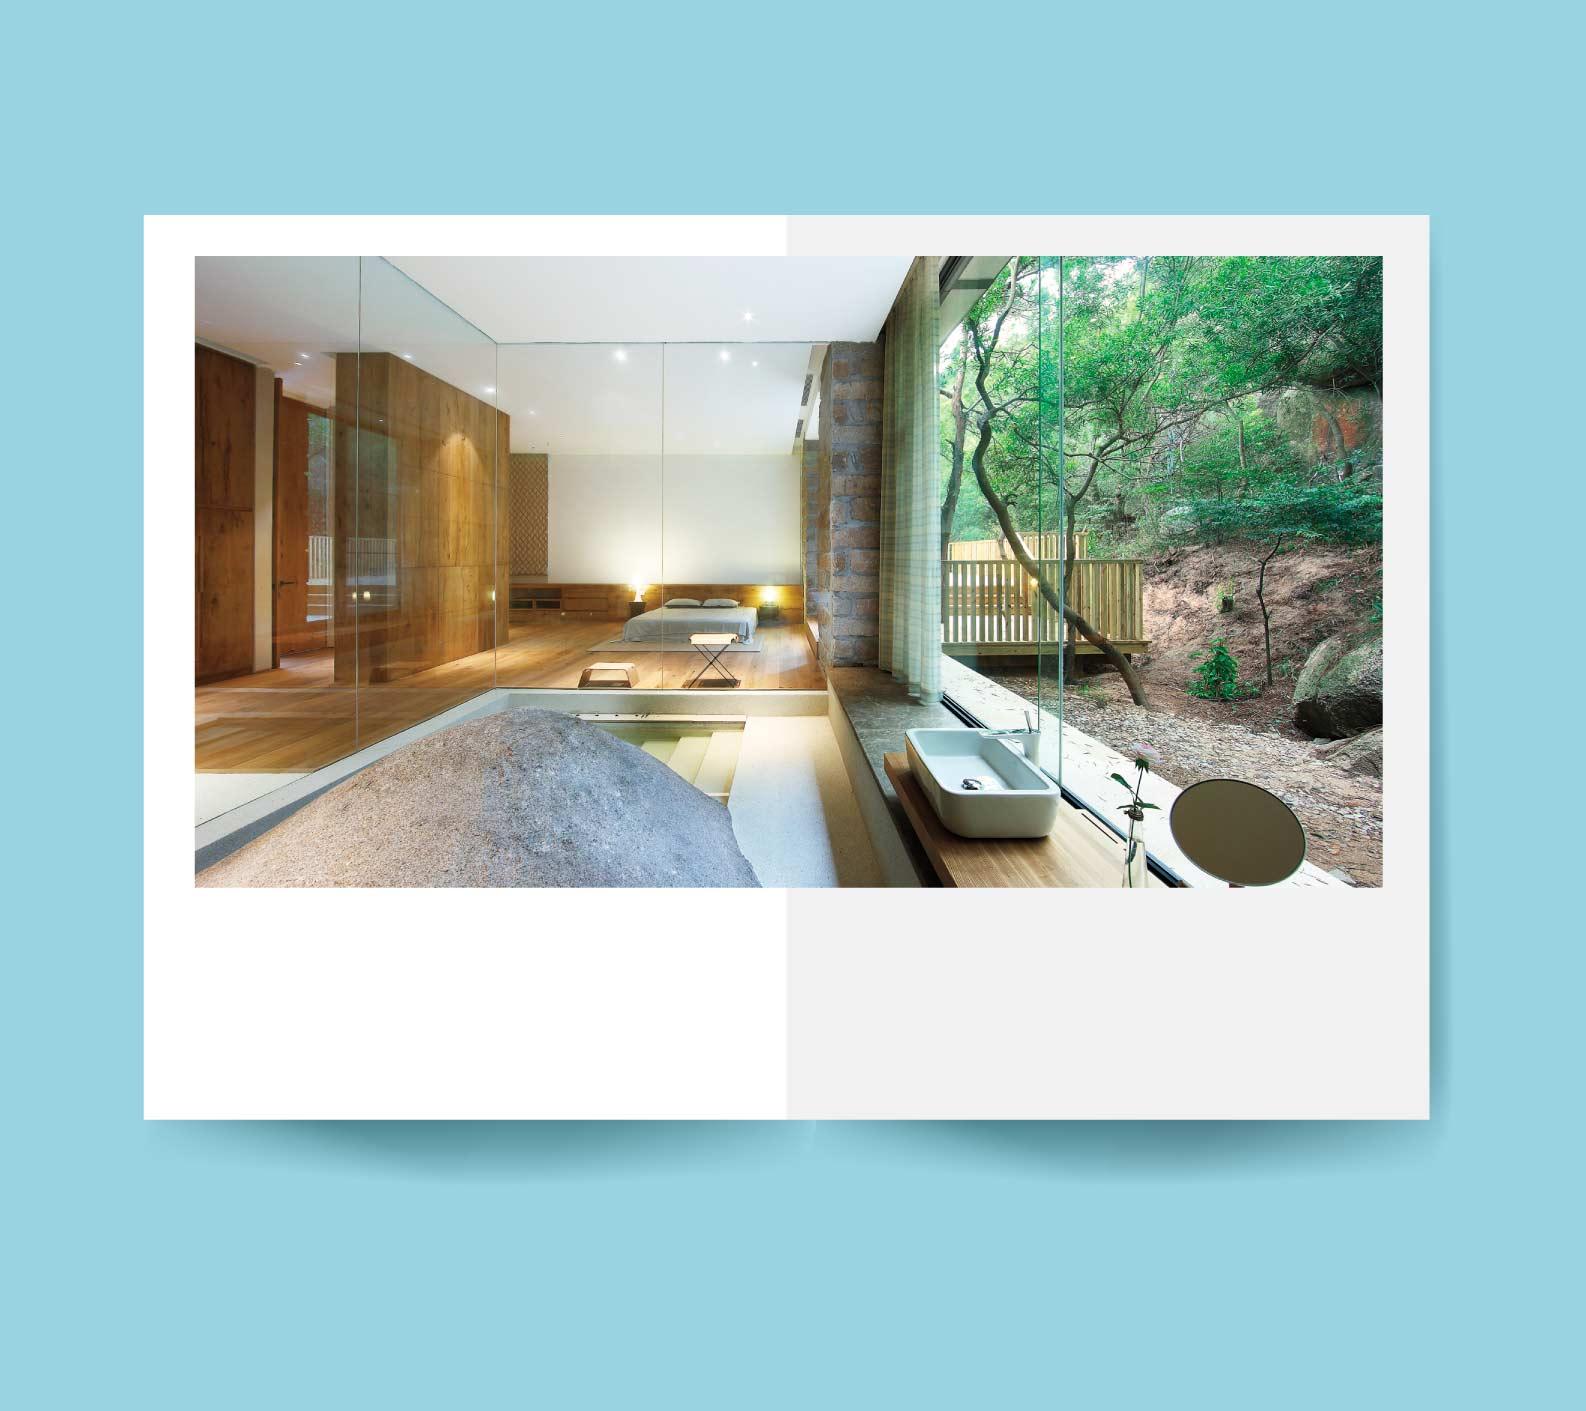 bathroom interior design - معرفی شغل طراح داخلی